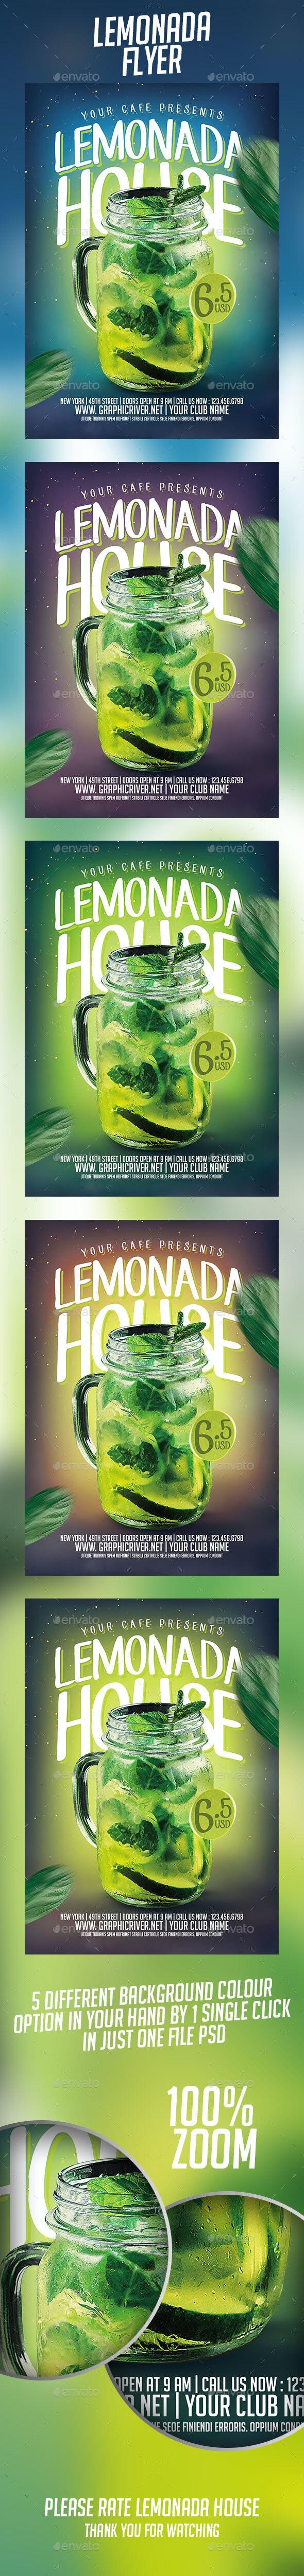 Lemonada House Flyer - Flyers Print Templates